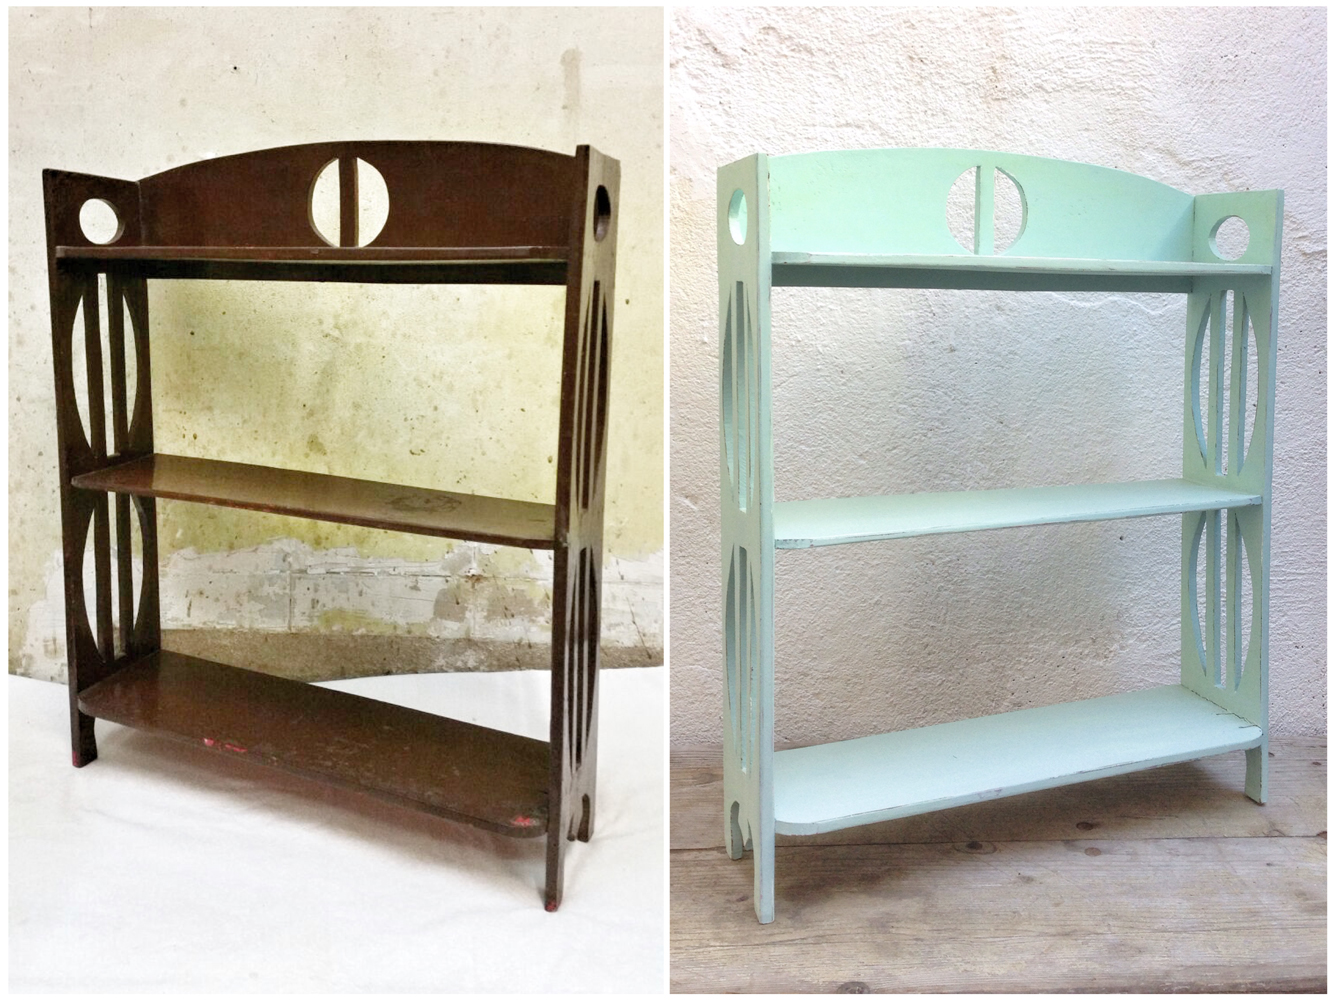 Antes y después - Estantería pintada - Studio Alis